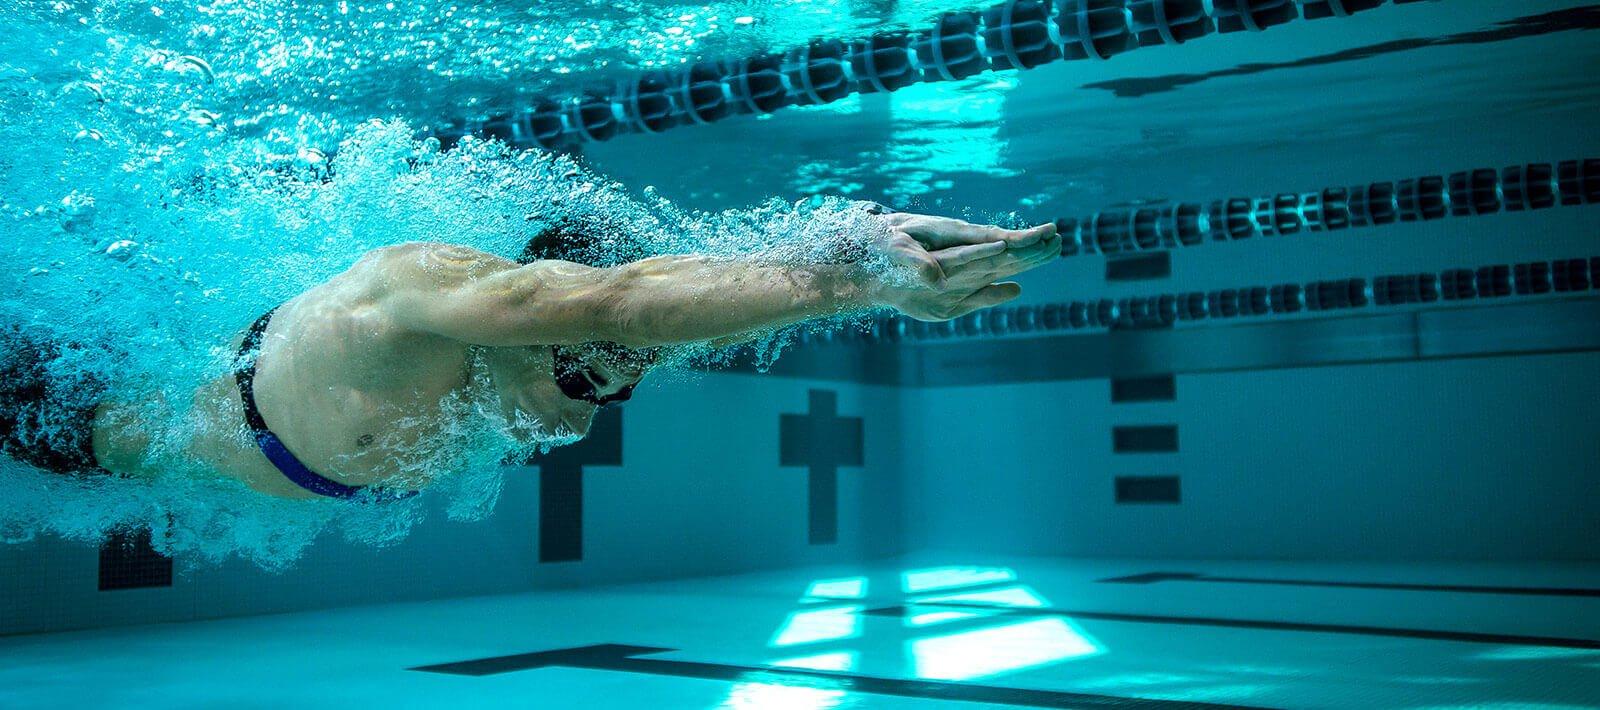 Bơi lội giúp giảm mỡ bụng nhanh chóng mà còn tốt cho sức khỏe